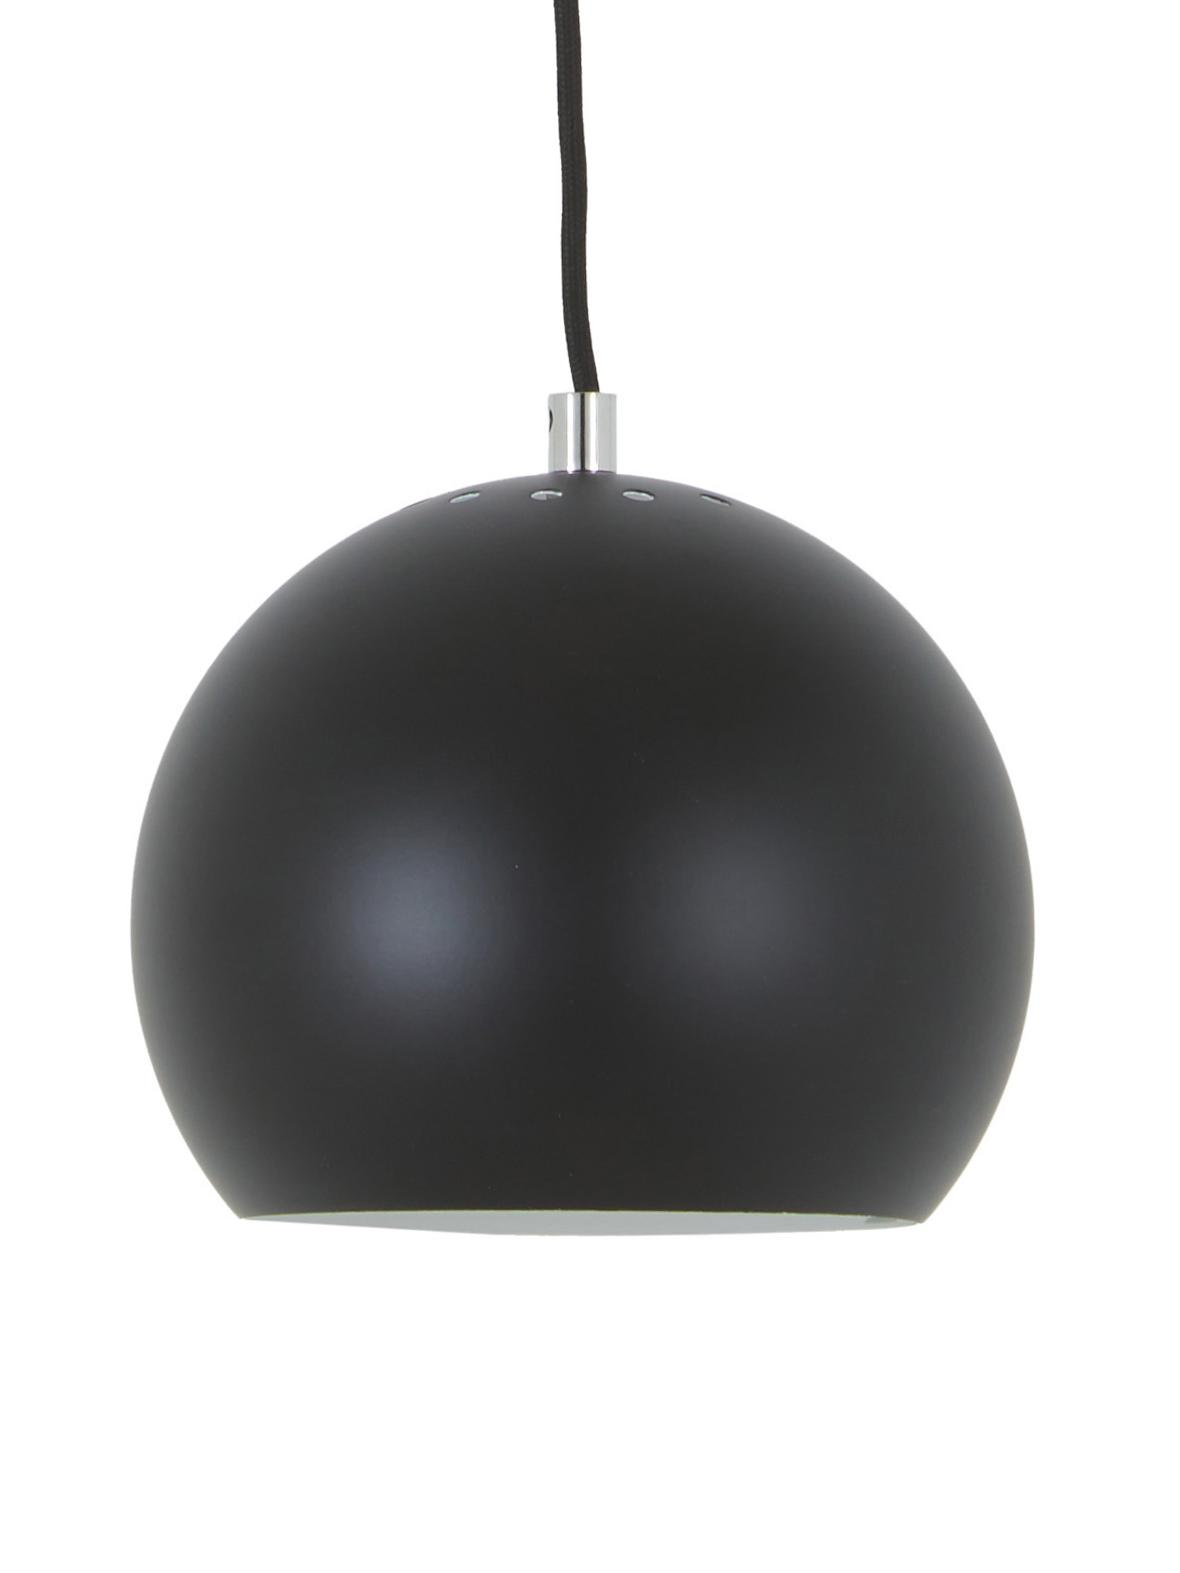 Mała lampa wisząca Ball, Metal malowany proszkowo, Czarny, matowy, Ø 18 x W 16 cm